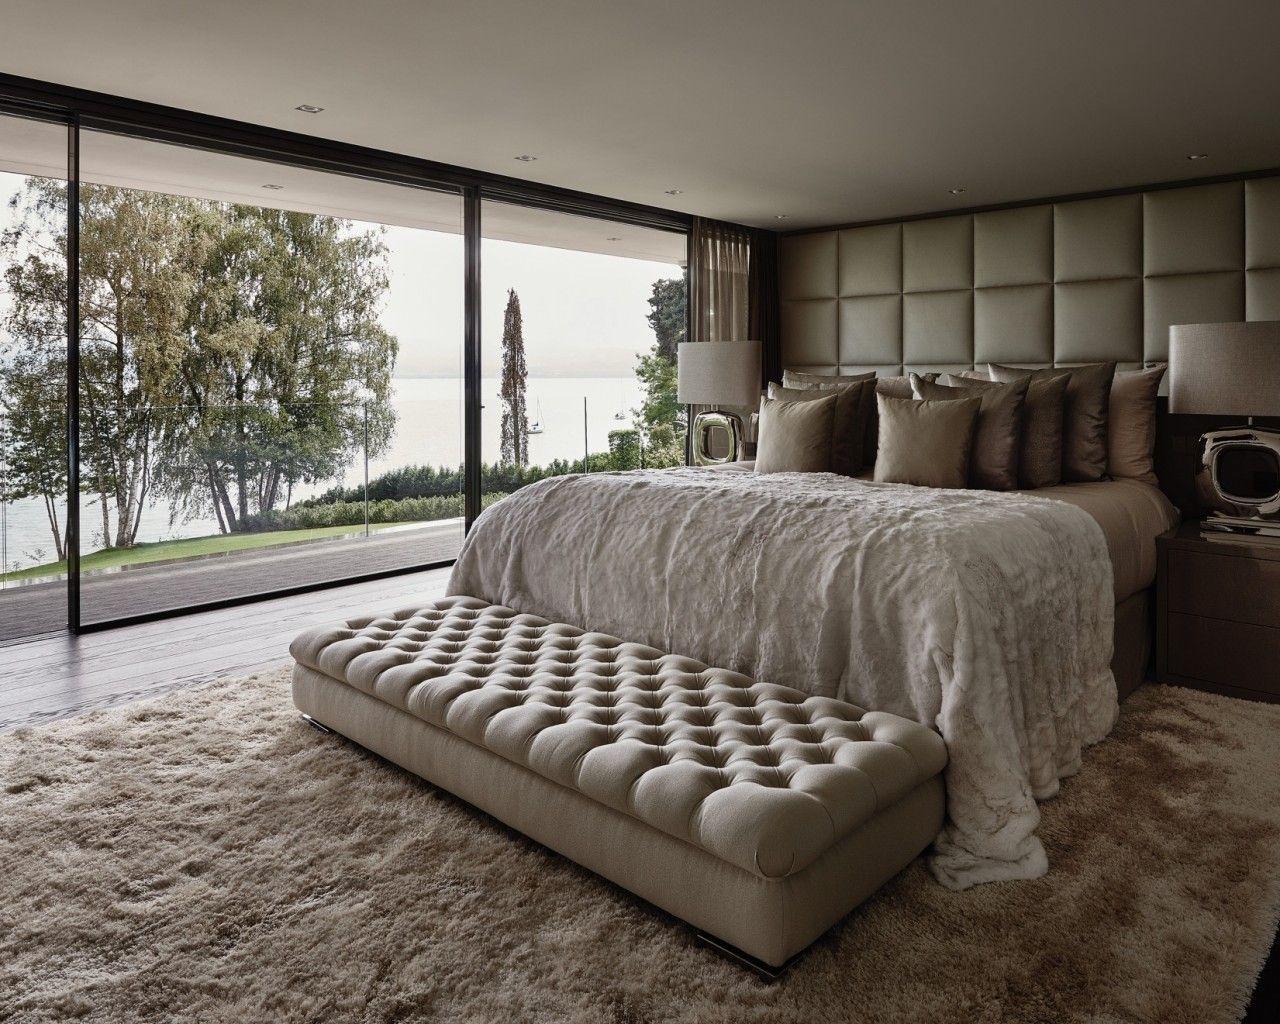 Switserland / Geneva / Private Residence / Bed Room / Eric Kuster ...